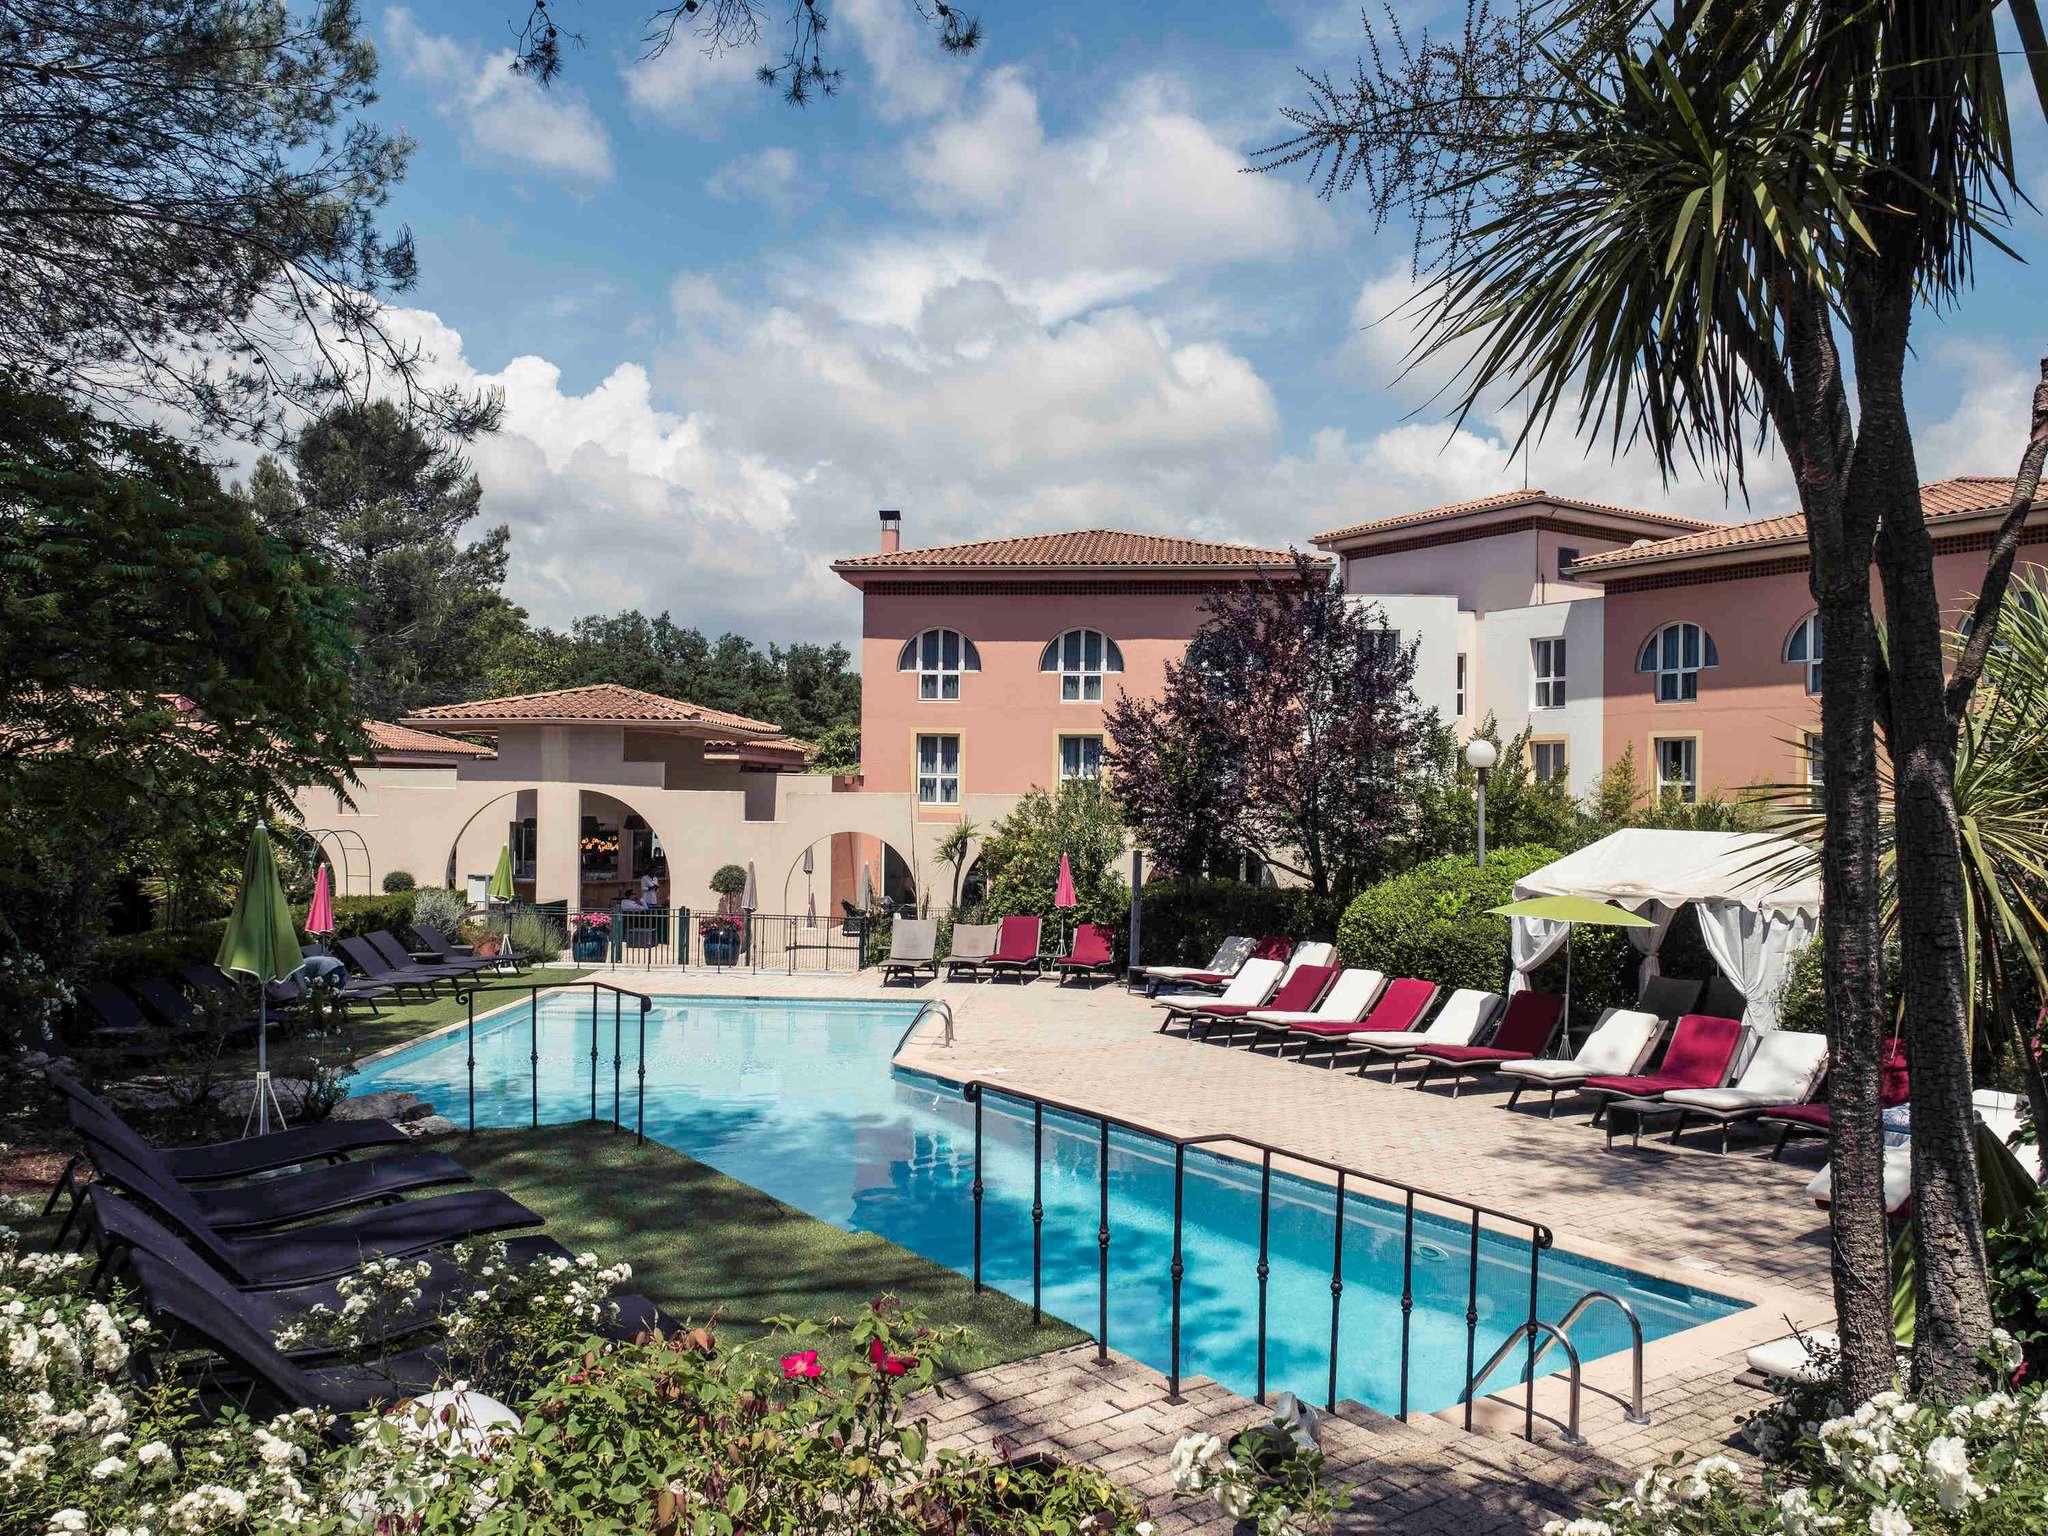 Hotell – Mercure Antibes Sophia Antipolis Hotel